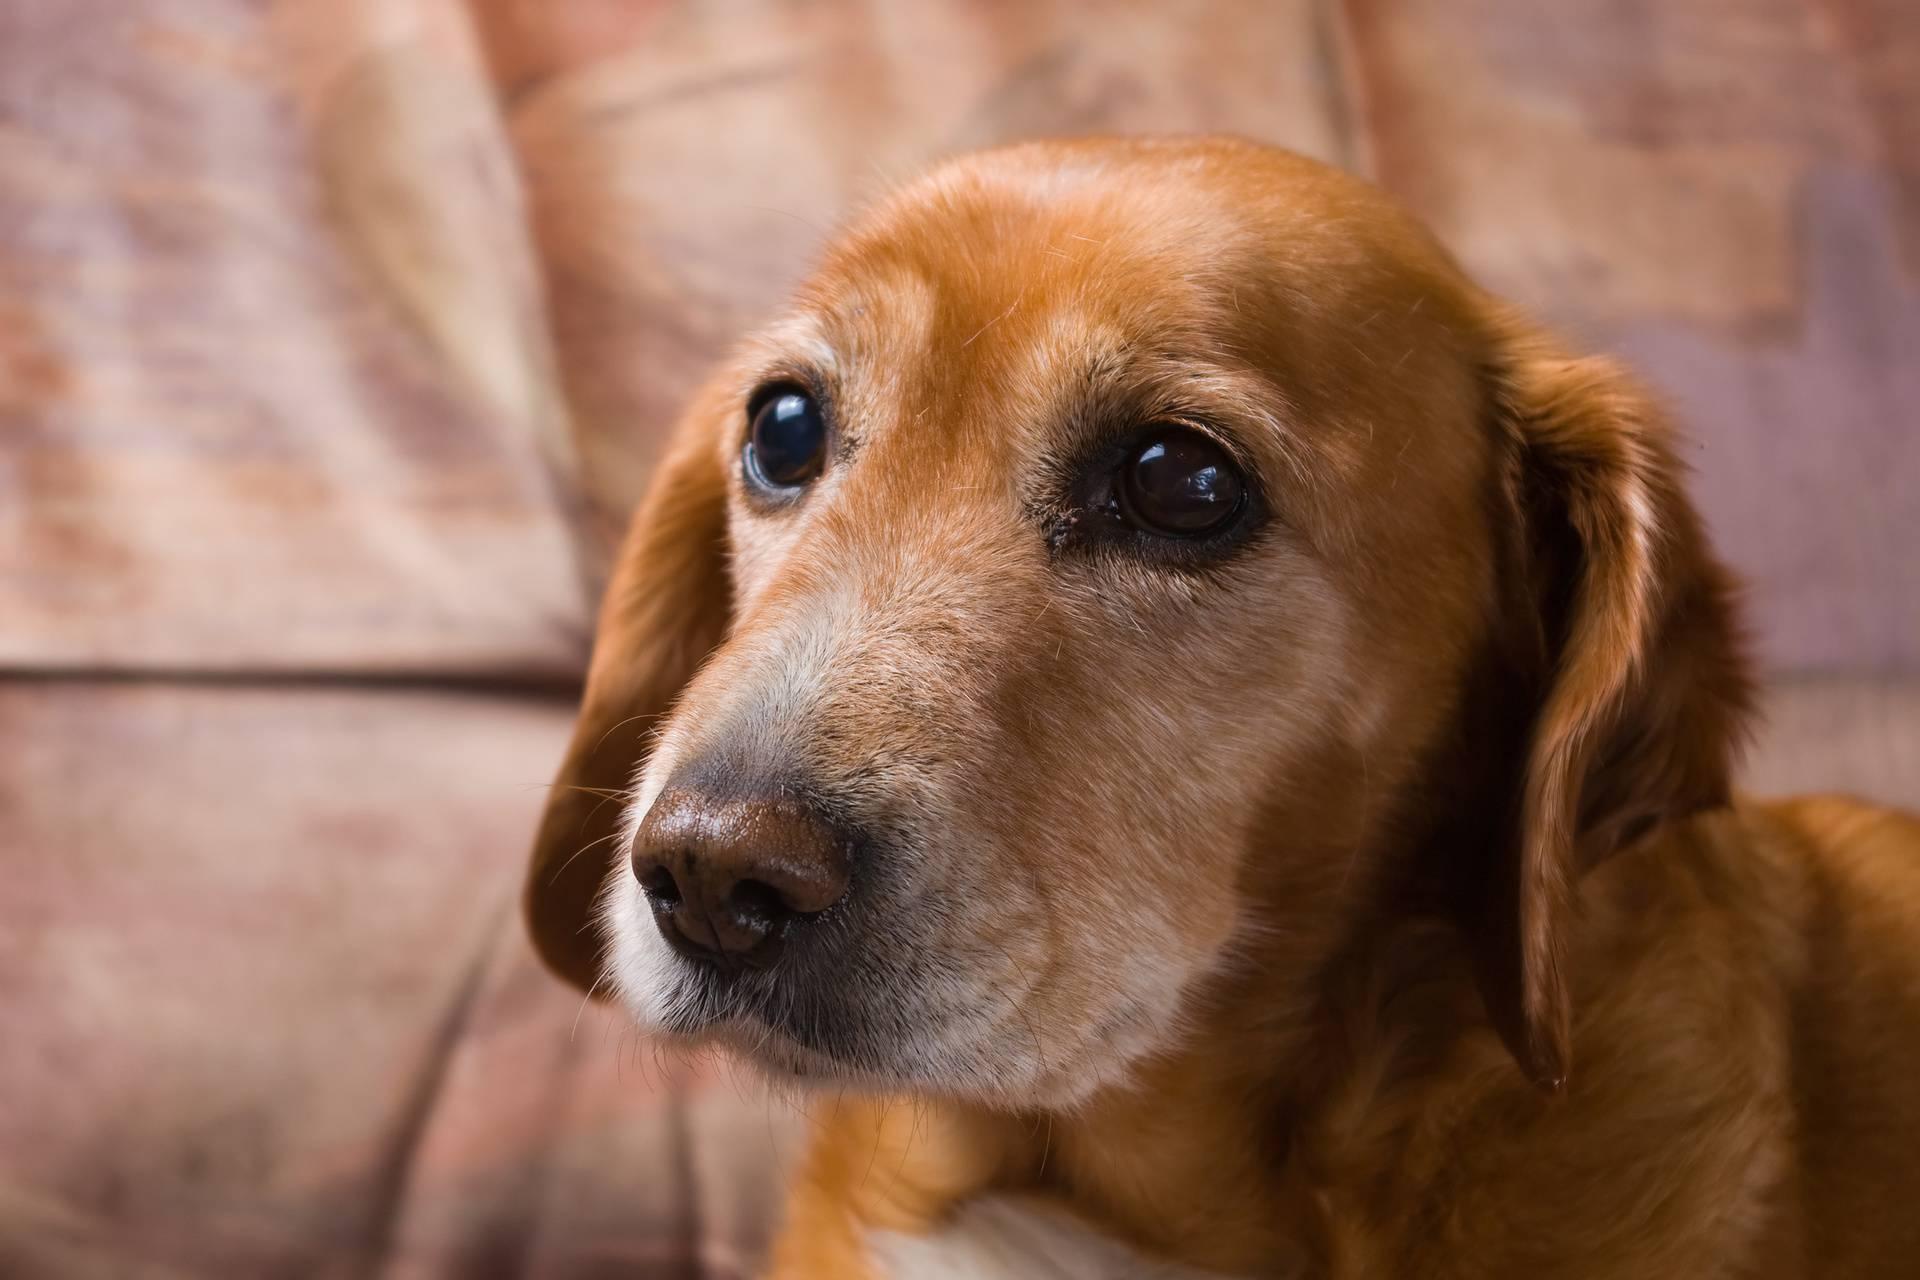 Korona zbunjuje i pse: Jesu li vlasnici sad stalno doma ili ne?